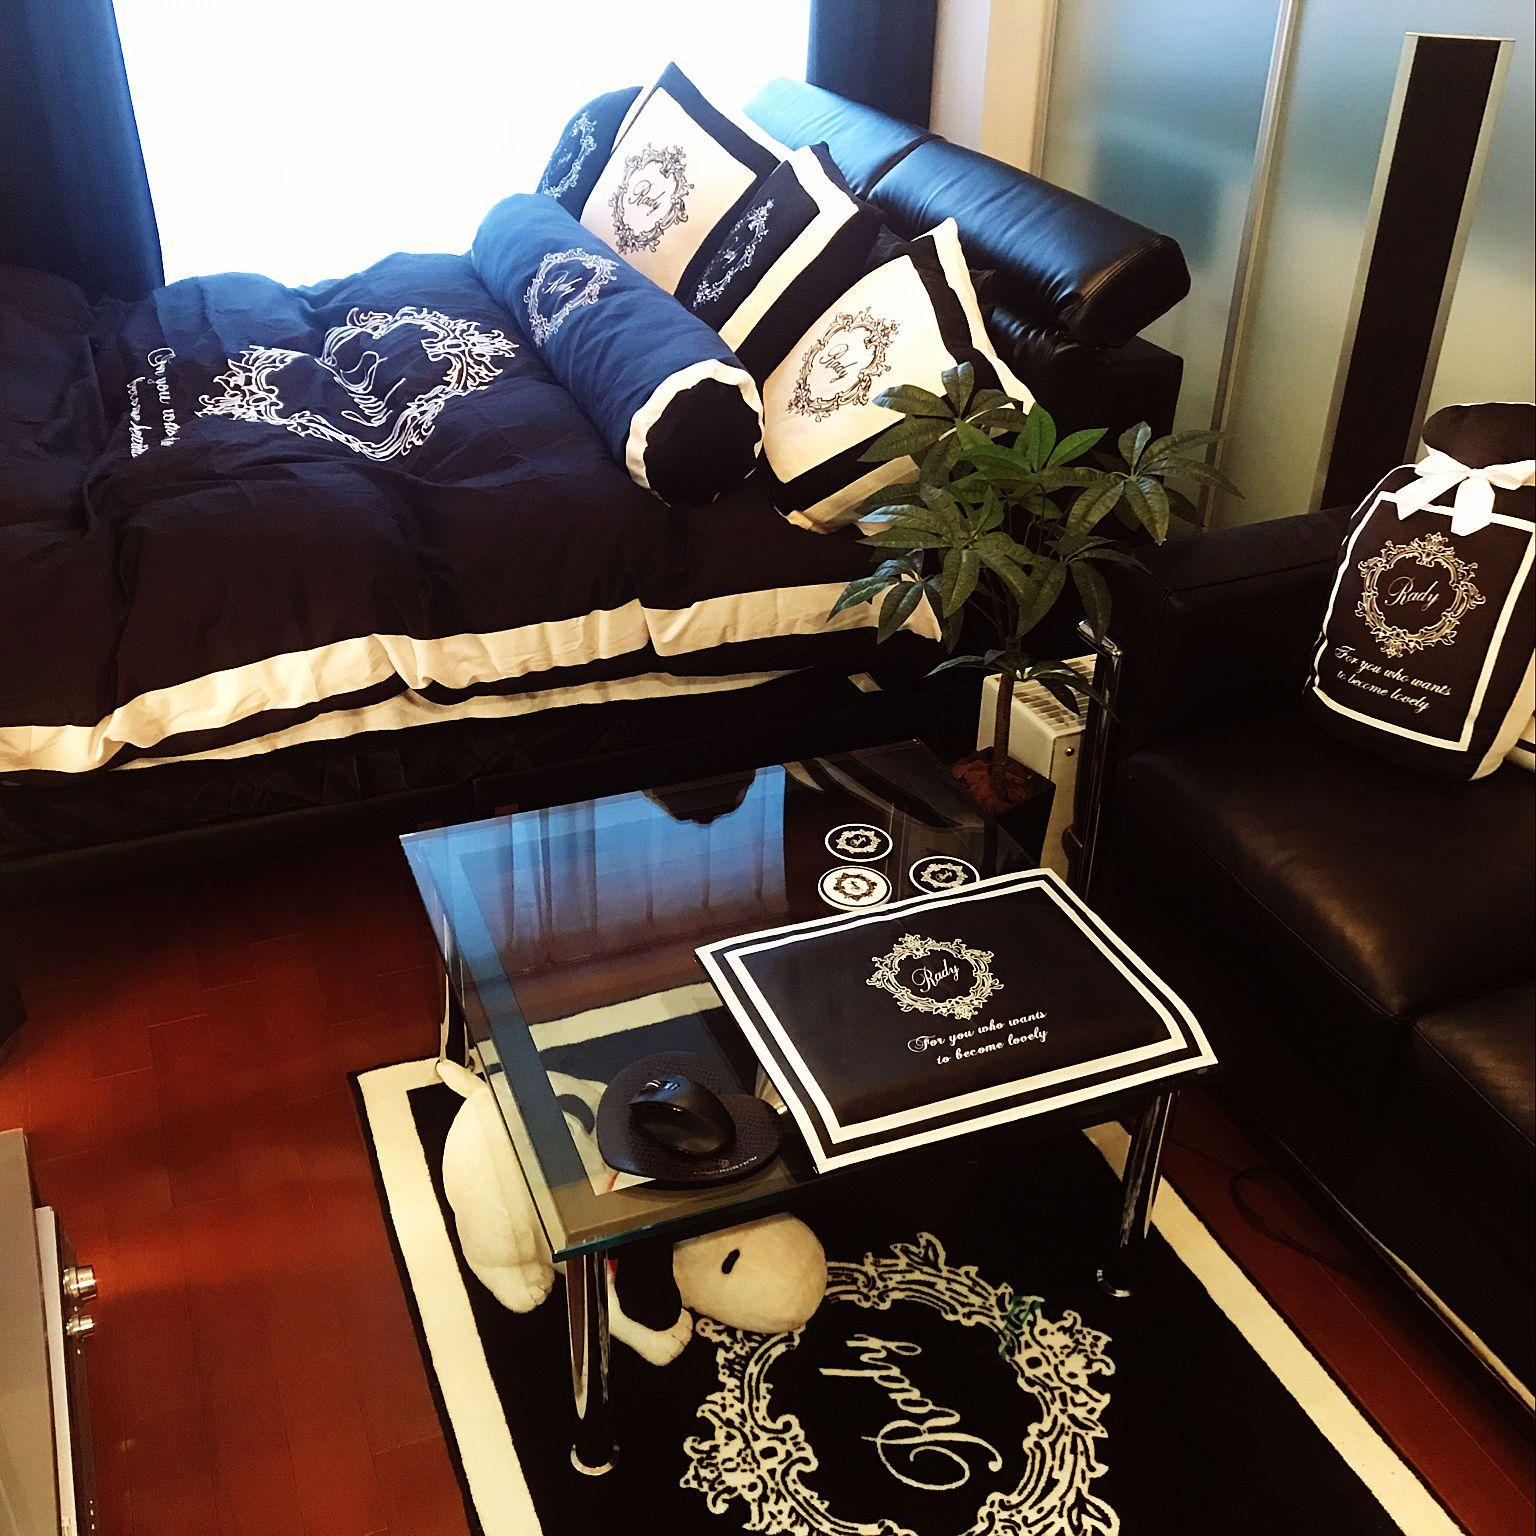 部屋全体 一人暮らし モノトーン Radyのインテリア実例 2017 10 29 04 38 01 Roomclip ルームクリップ 部屋 インテリア 実例 インテリア